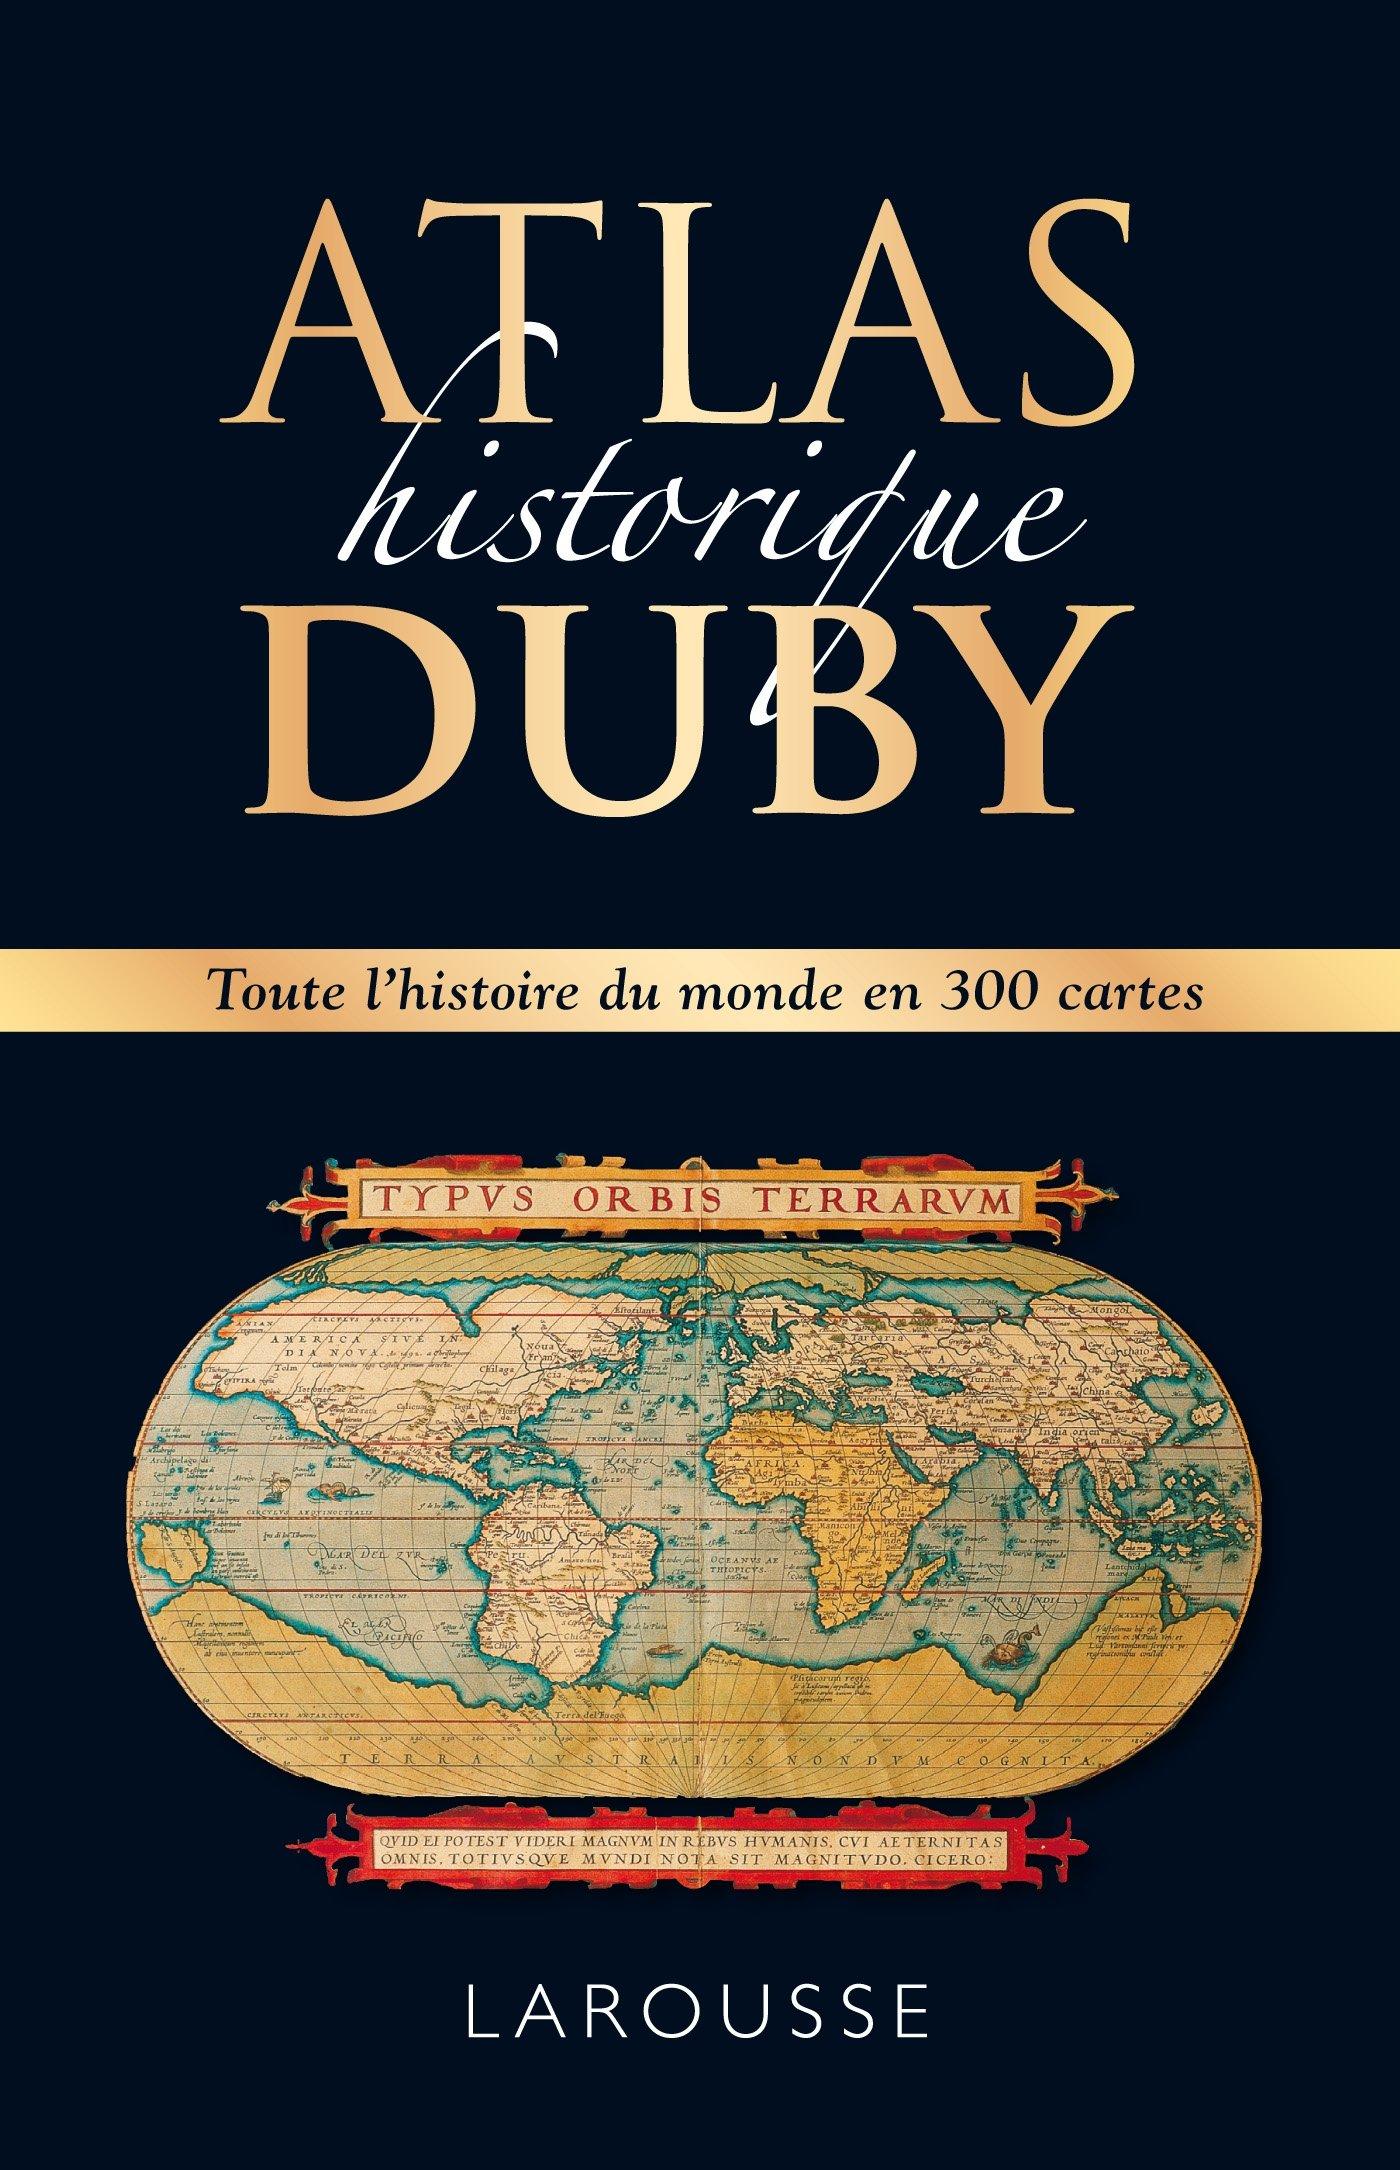 Atlas historique Duby Relié – 3 avril 2013 Georges Duby Larousse 2035890861 STORIA D' EUROPA